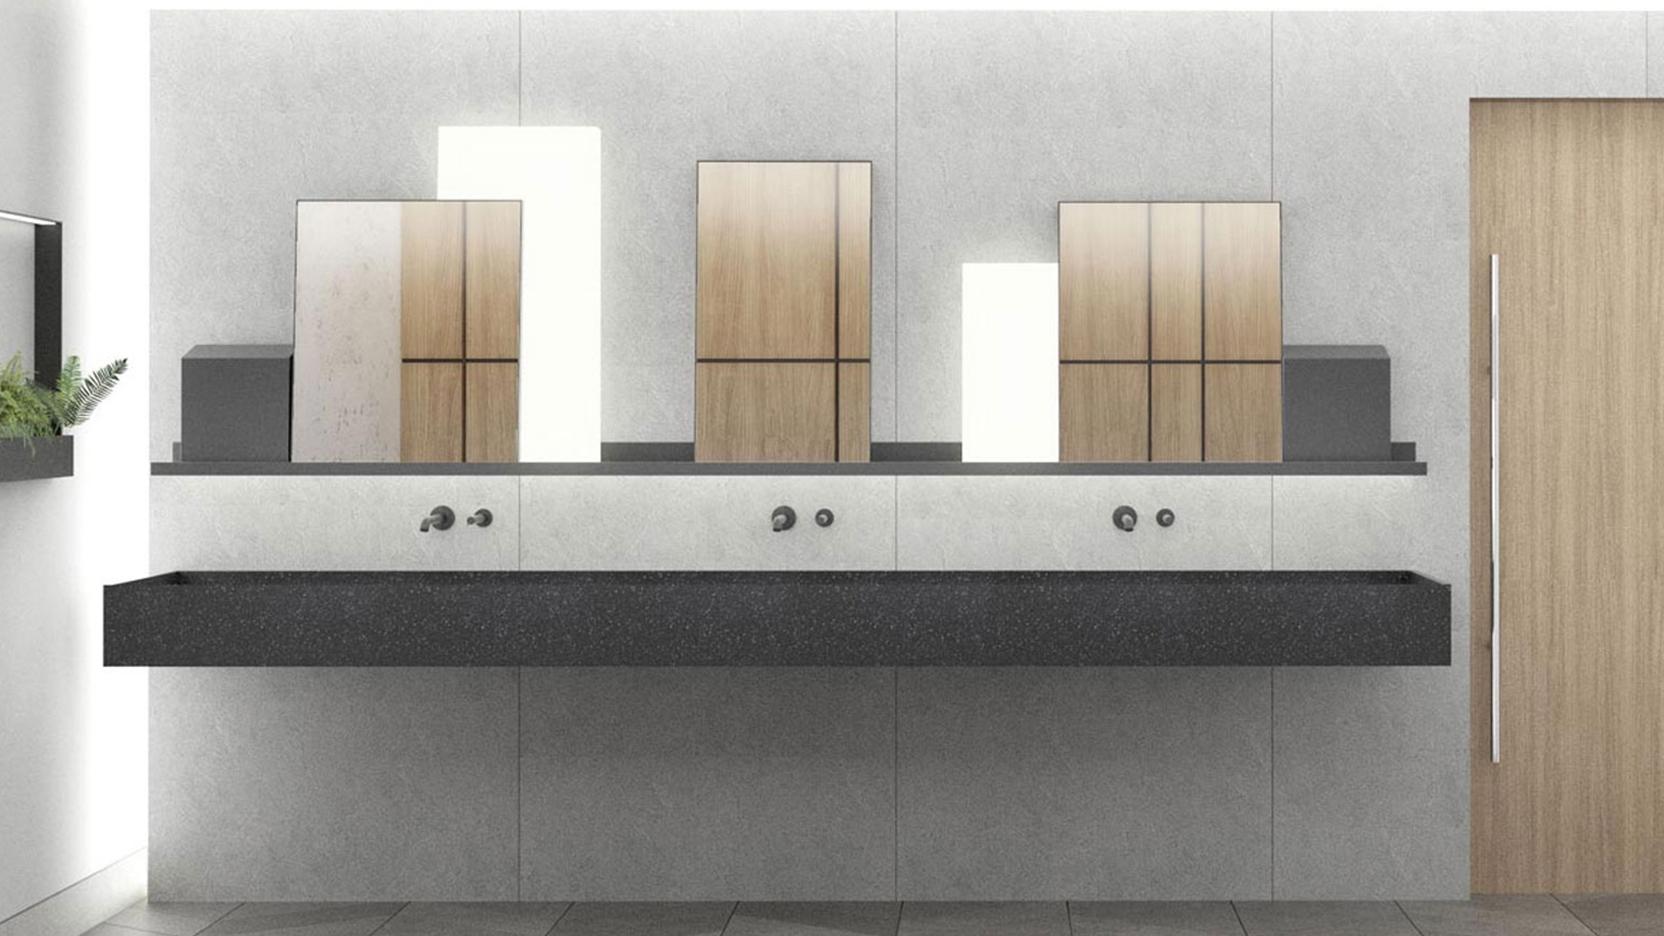 Toilet modules